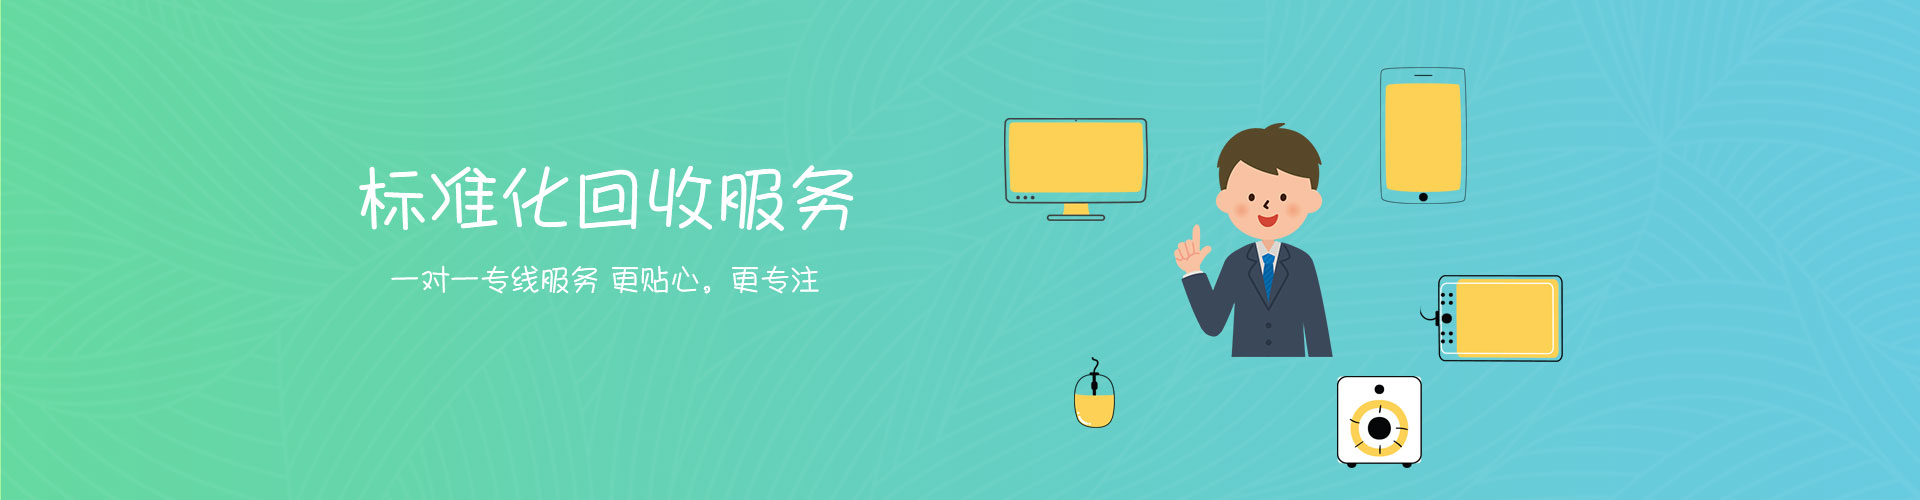 重庆thinkpad维修,重庆联想电脑维修,重庆联想售后服务点